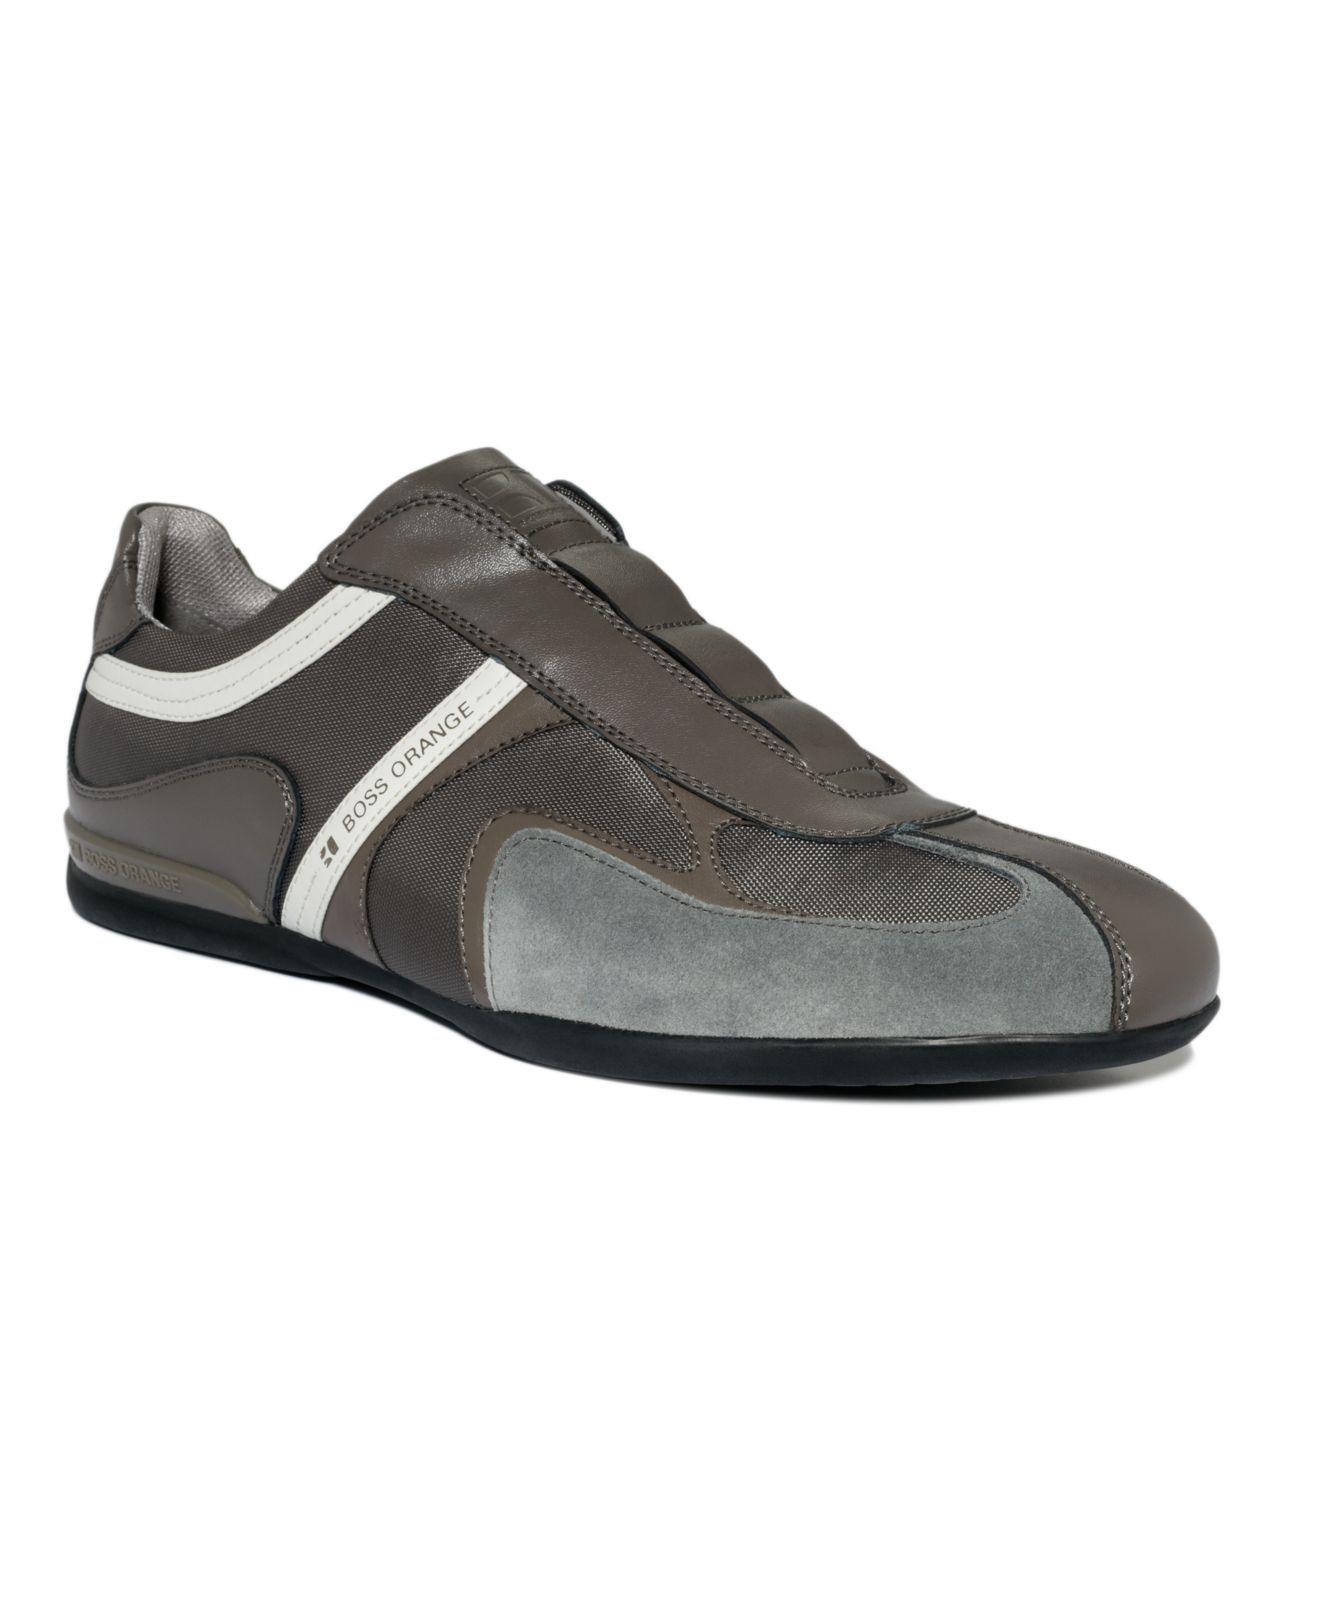 Hugo Boss Orange Shoes Seamon I Slip On Sneakers Mens All Men S Shoes Macy S Boss Orange Shoes Hugo Boss Orange Slip On Sneakers